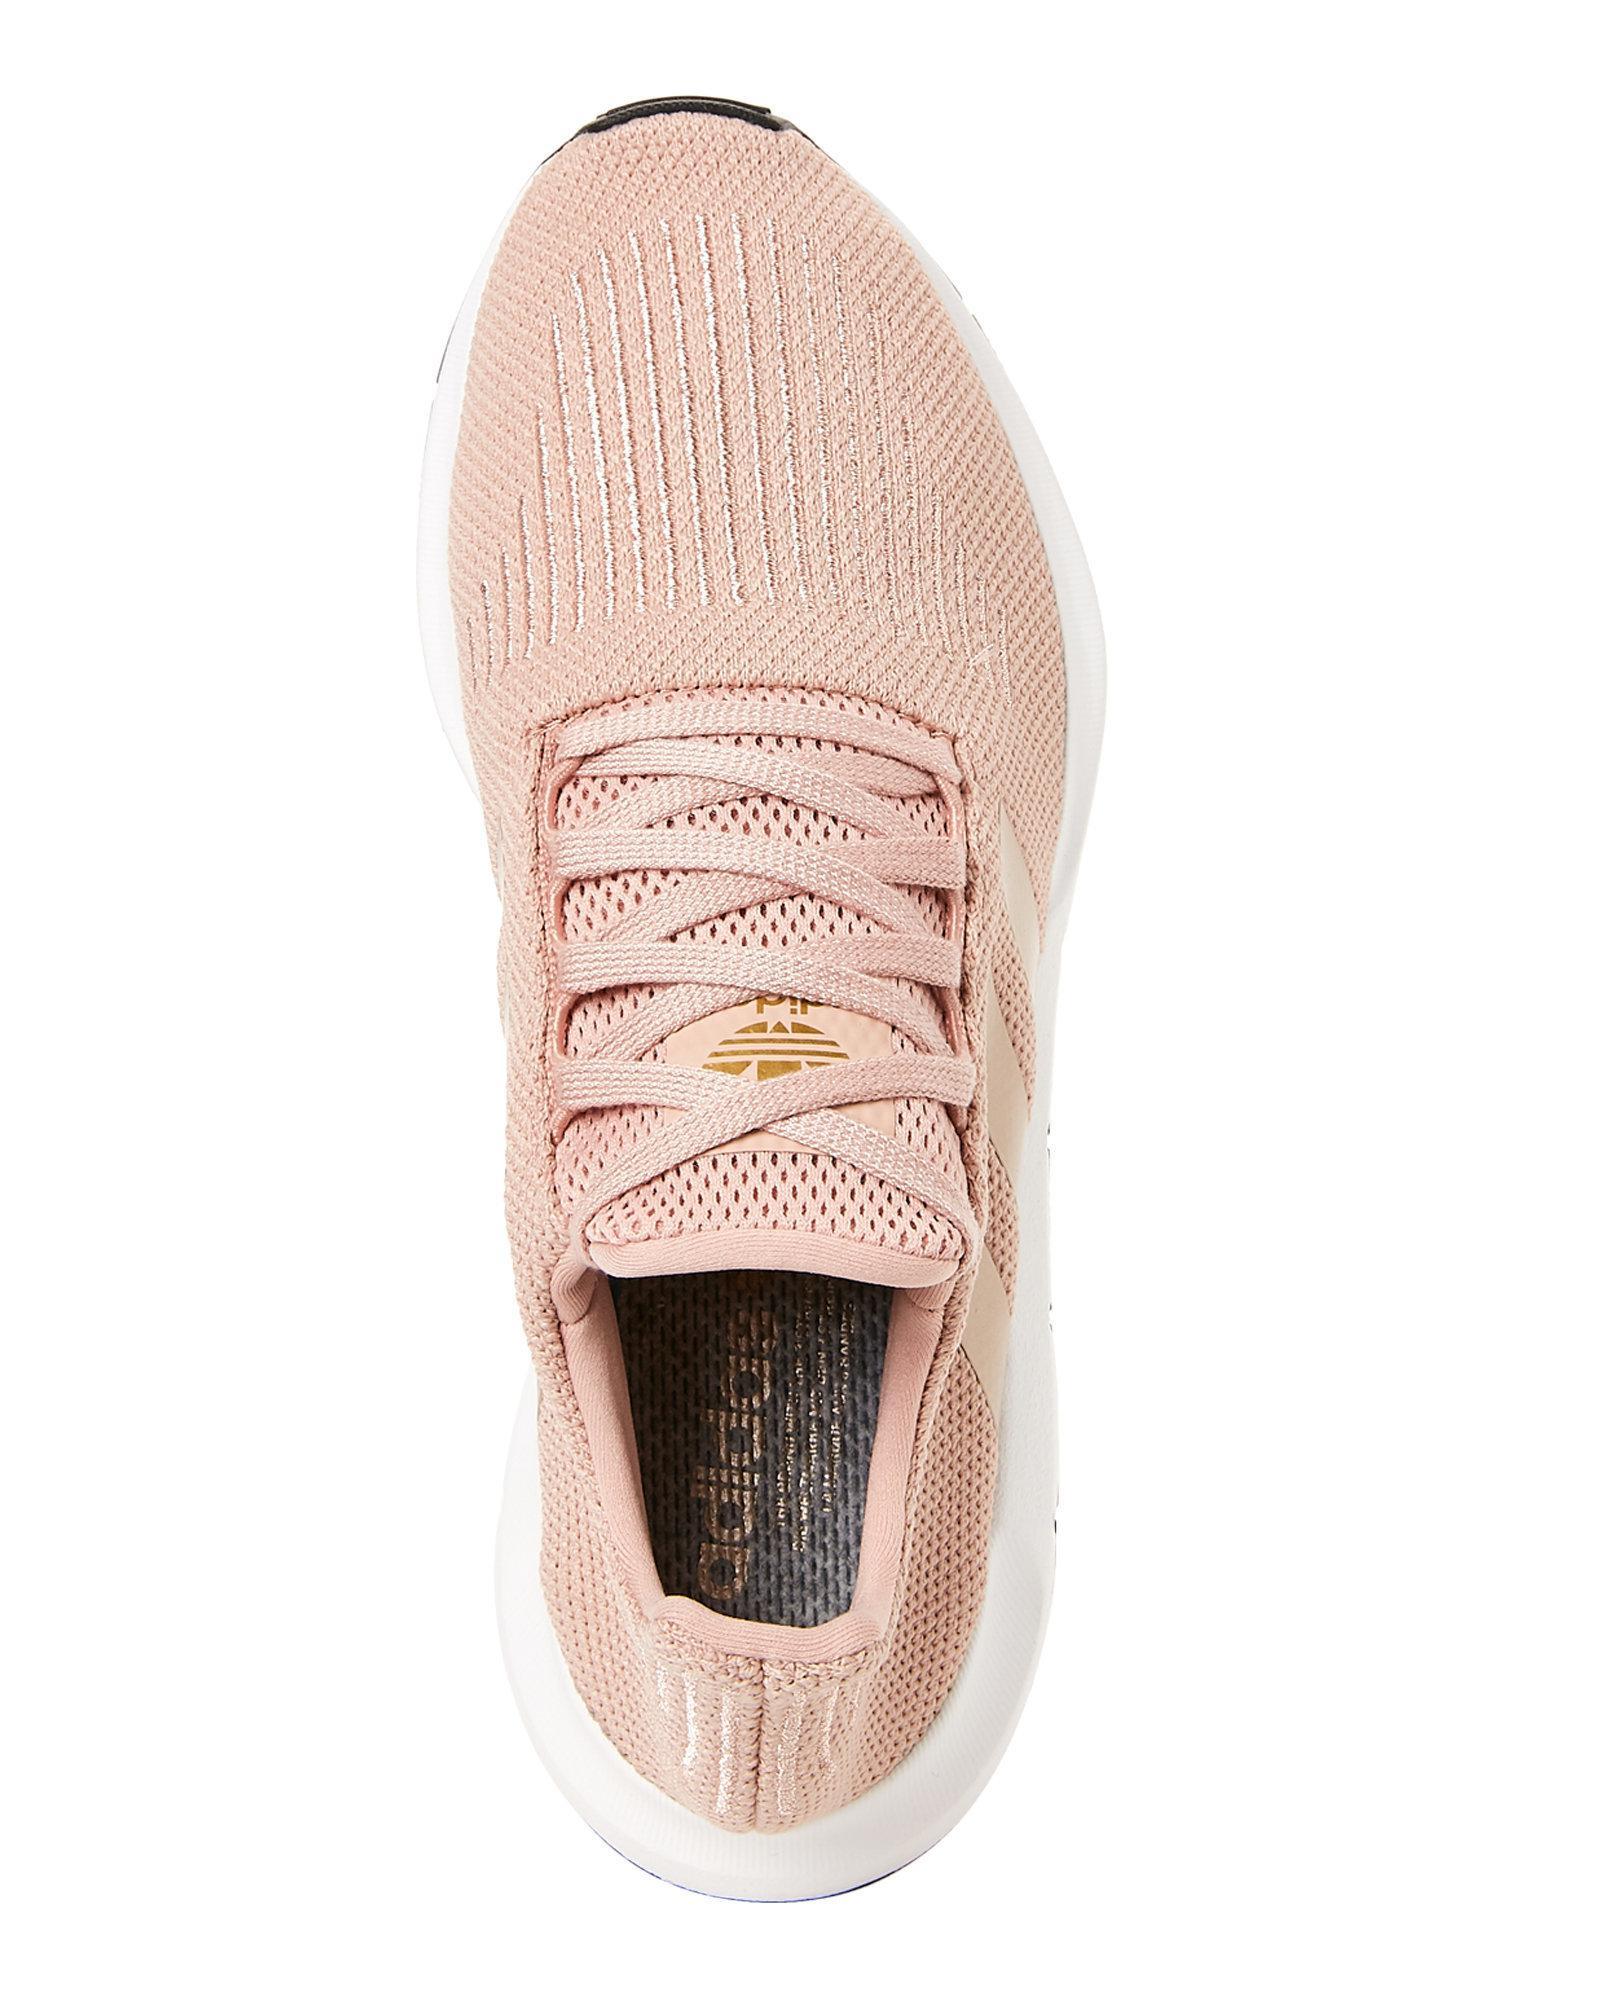 96c9c7287d6 Sneakers Sneakers Sneakers Pink Dusty Dusty Dusty Adidas In Rose Swift Run  Lyst 1XFwqTw